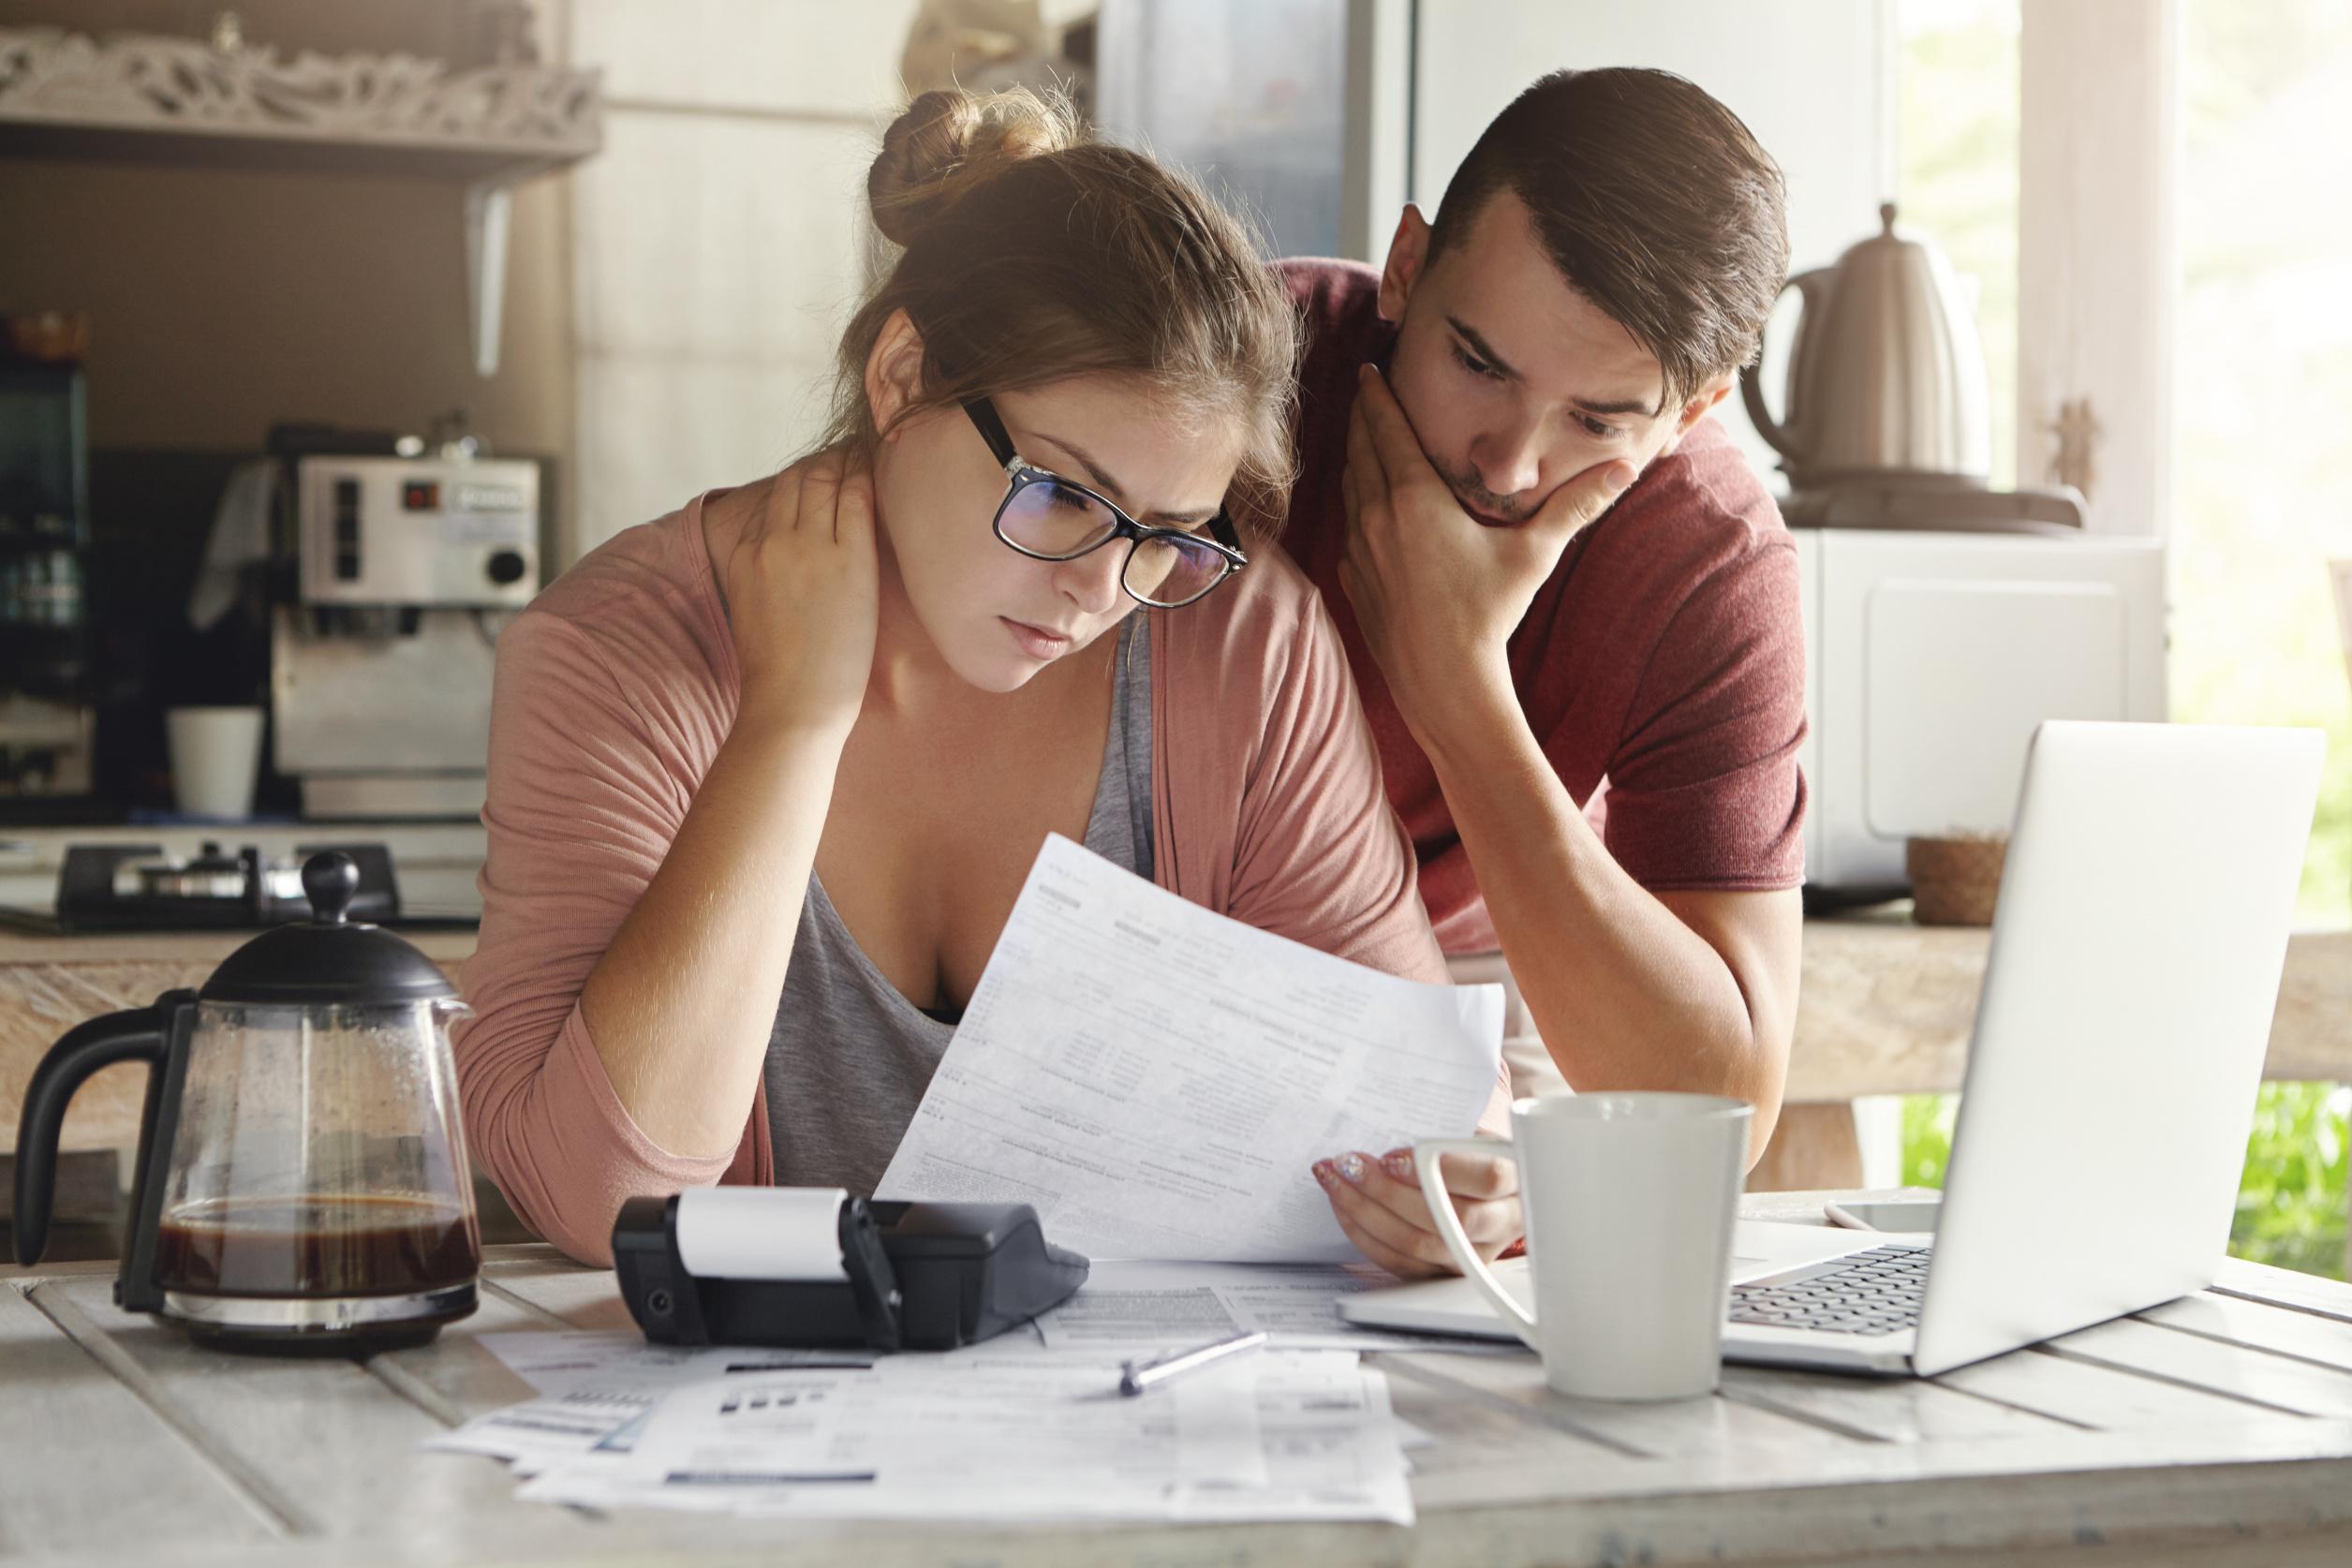 sprzedaż długu firmie windykacyjnej – powiadomienie o sprzedaży długu